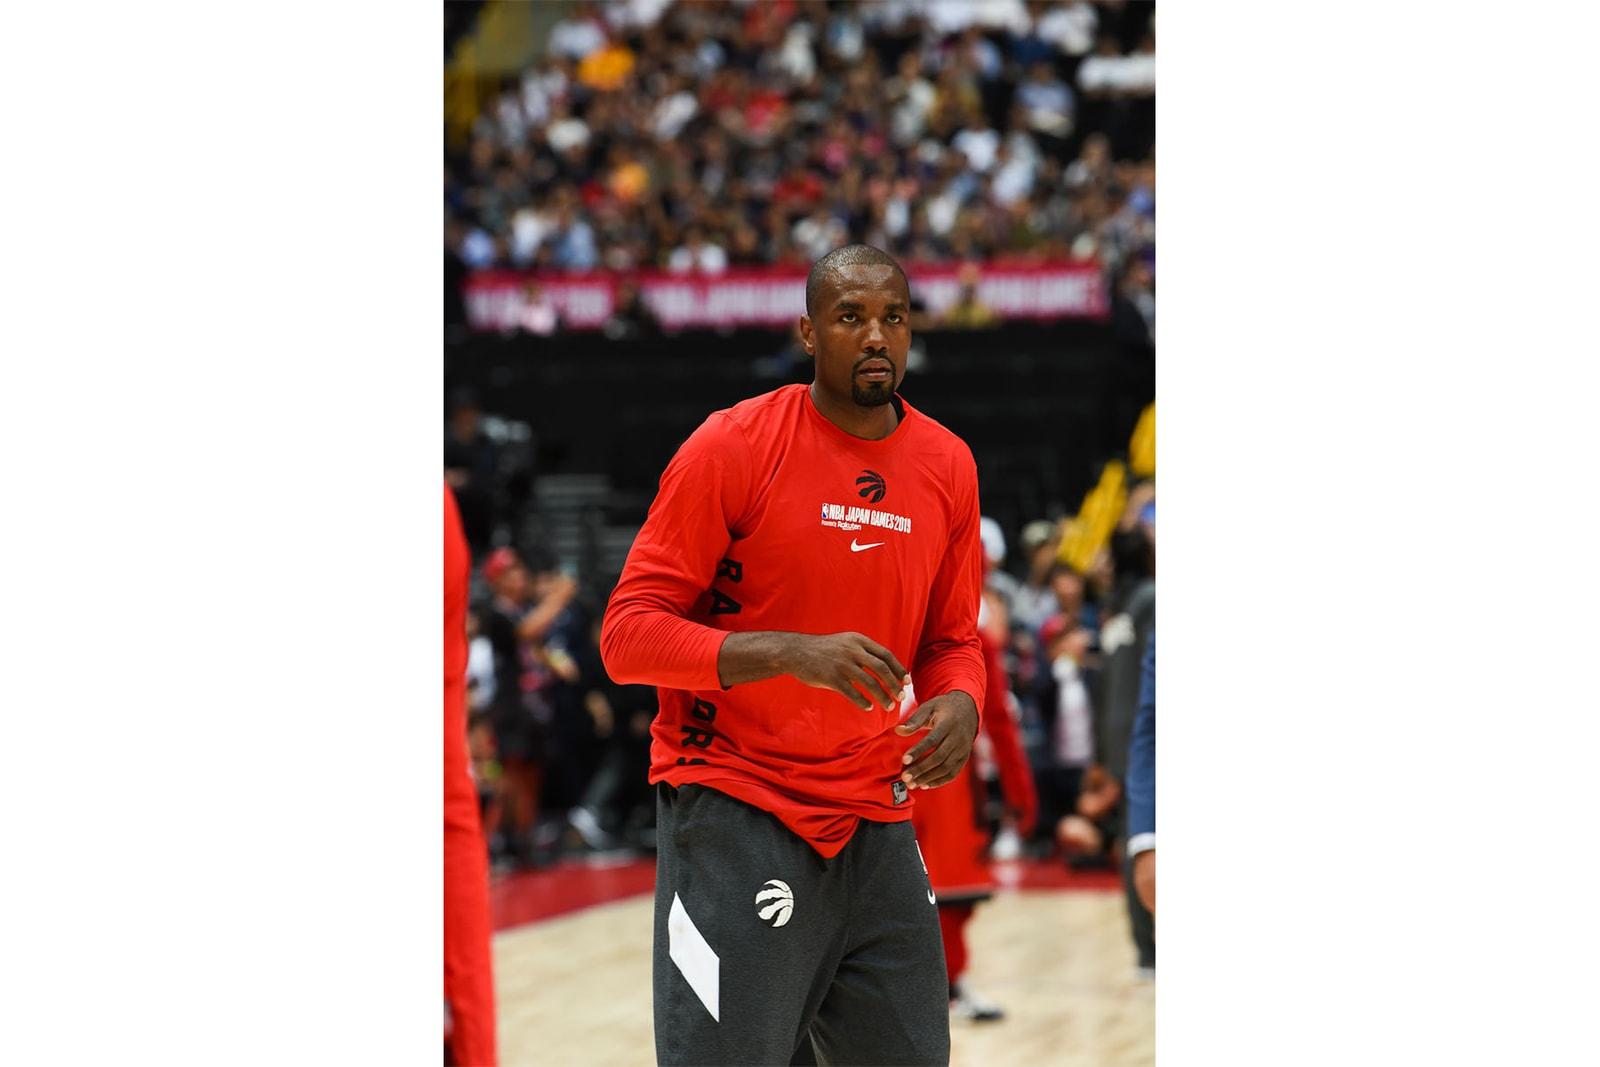 昨季王者のラプターズが16年ぶりとなる NBA Japan Games 第1戦を接戦で制す James Harden ジェームズ・ハーデン Russell Westbrook ラッセル・ウェストブルック